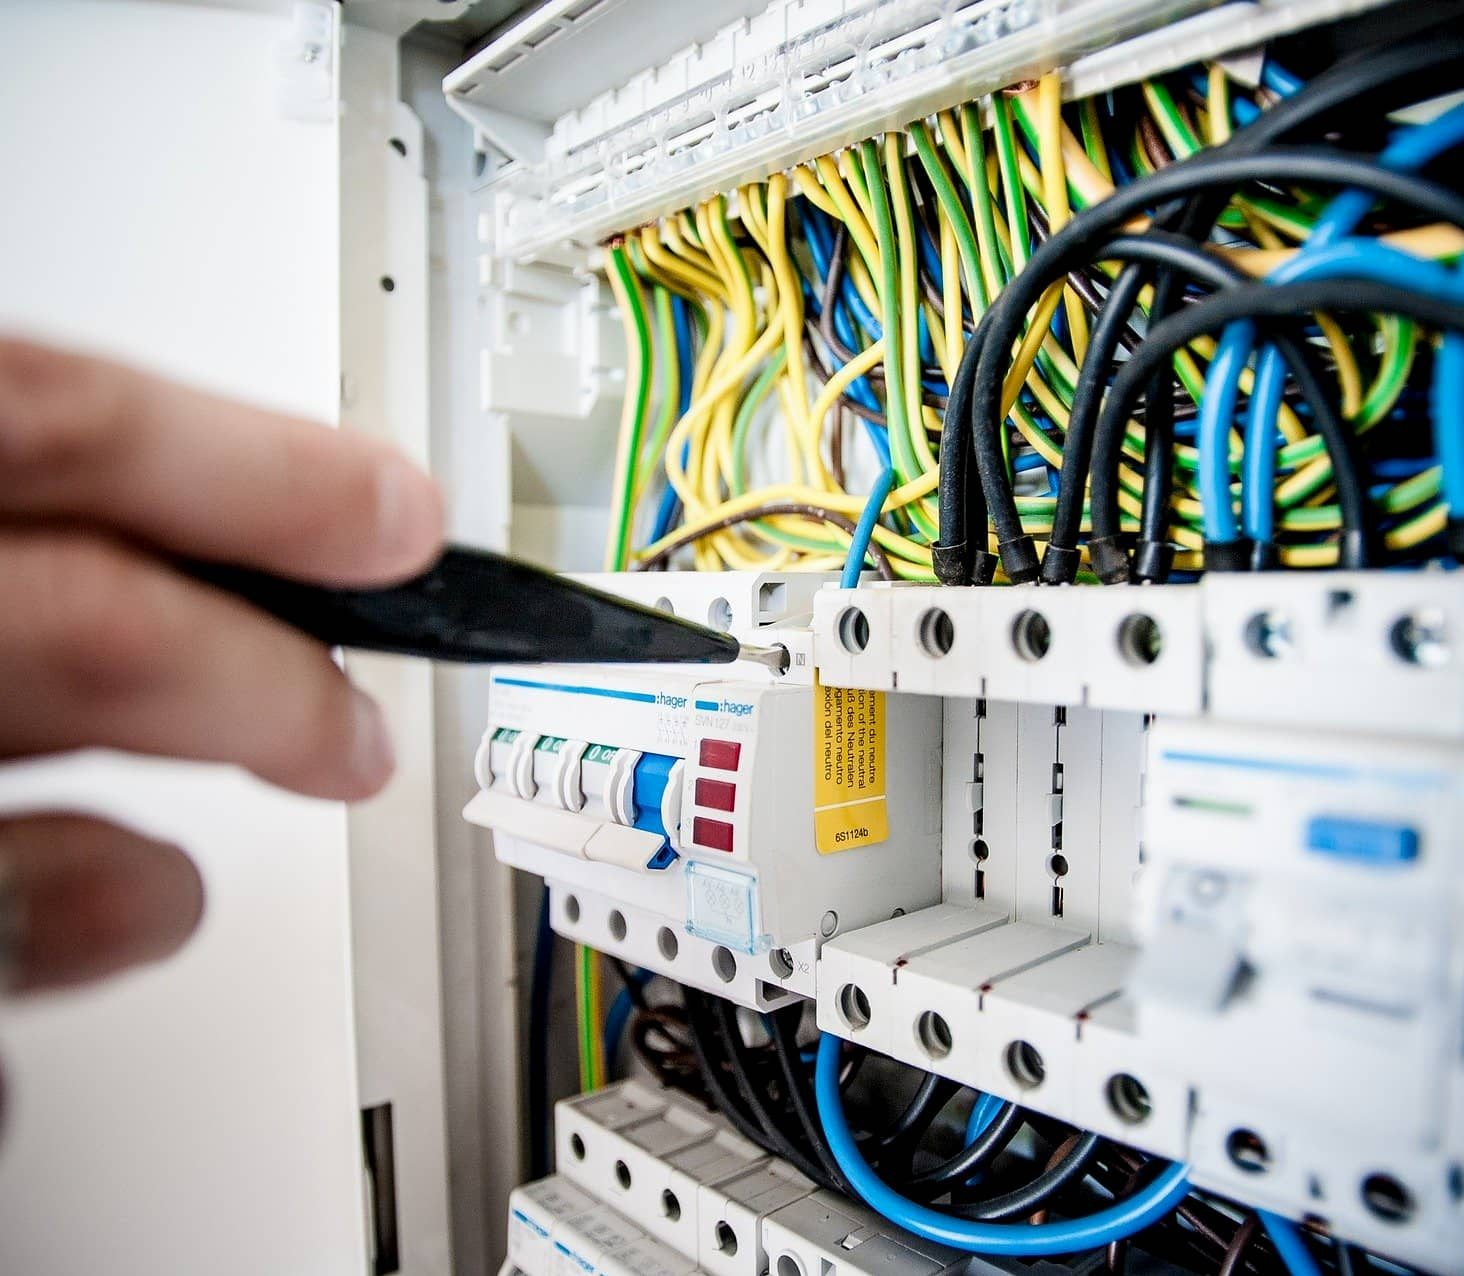 FIBC Dreux - Câble et conduit électrique, informatique, téléphonie pour le professionnel